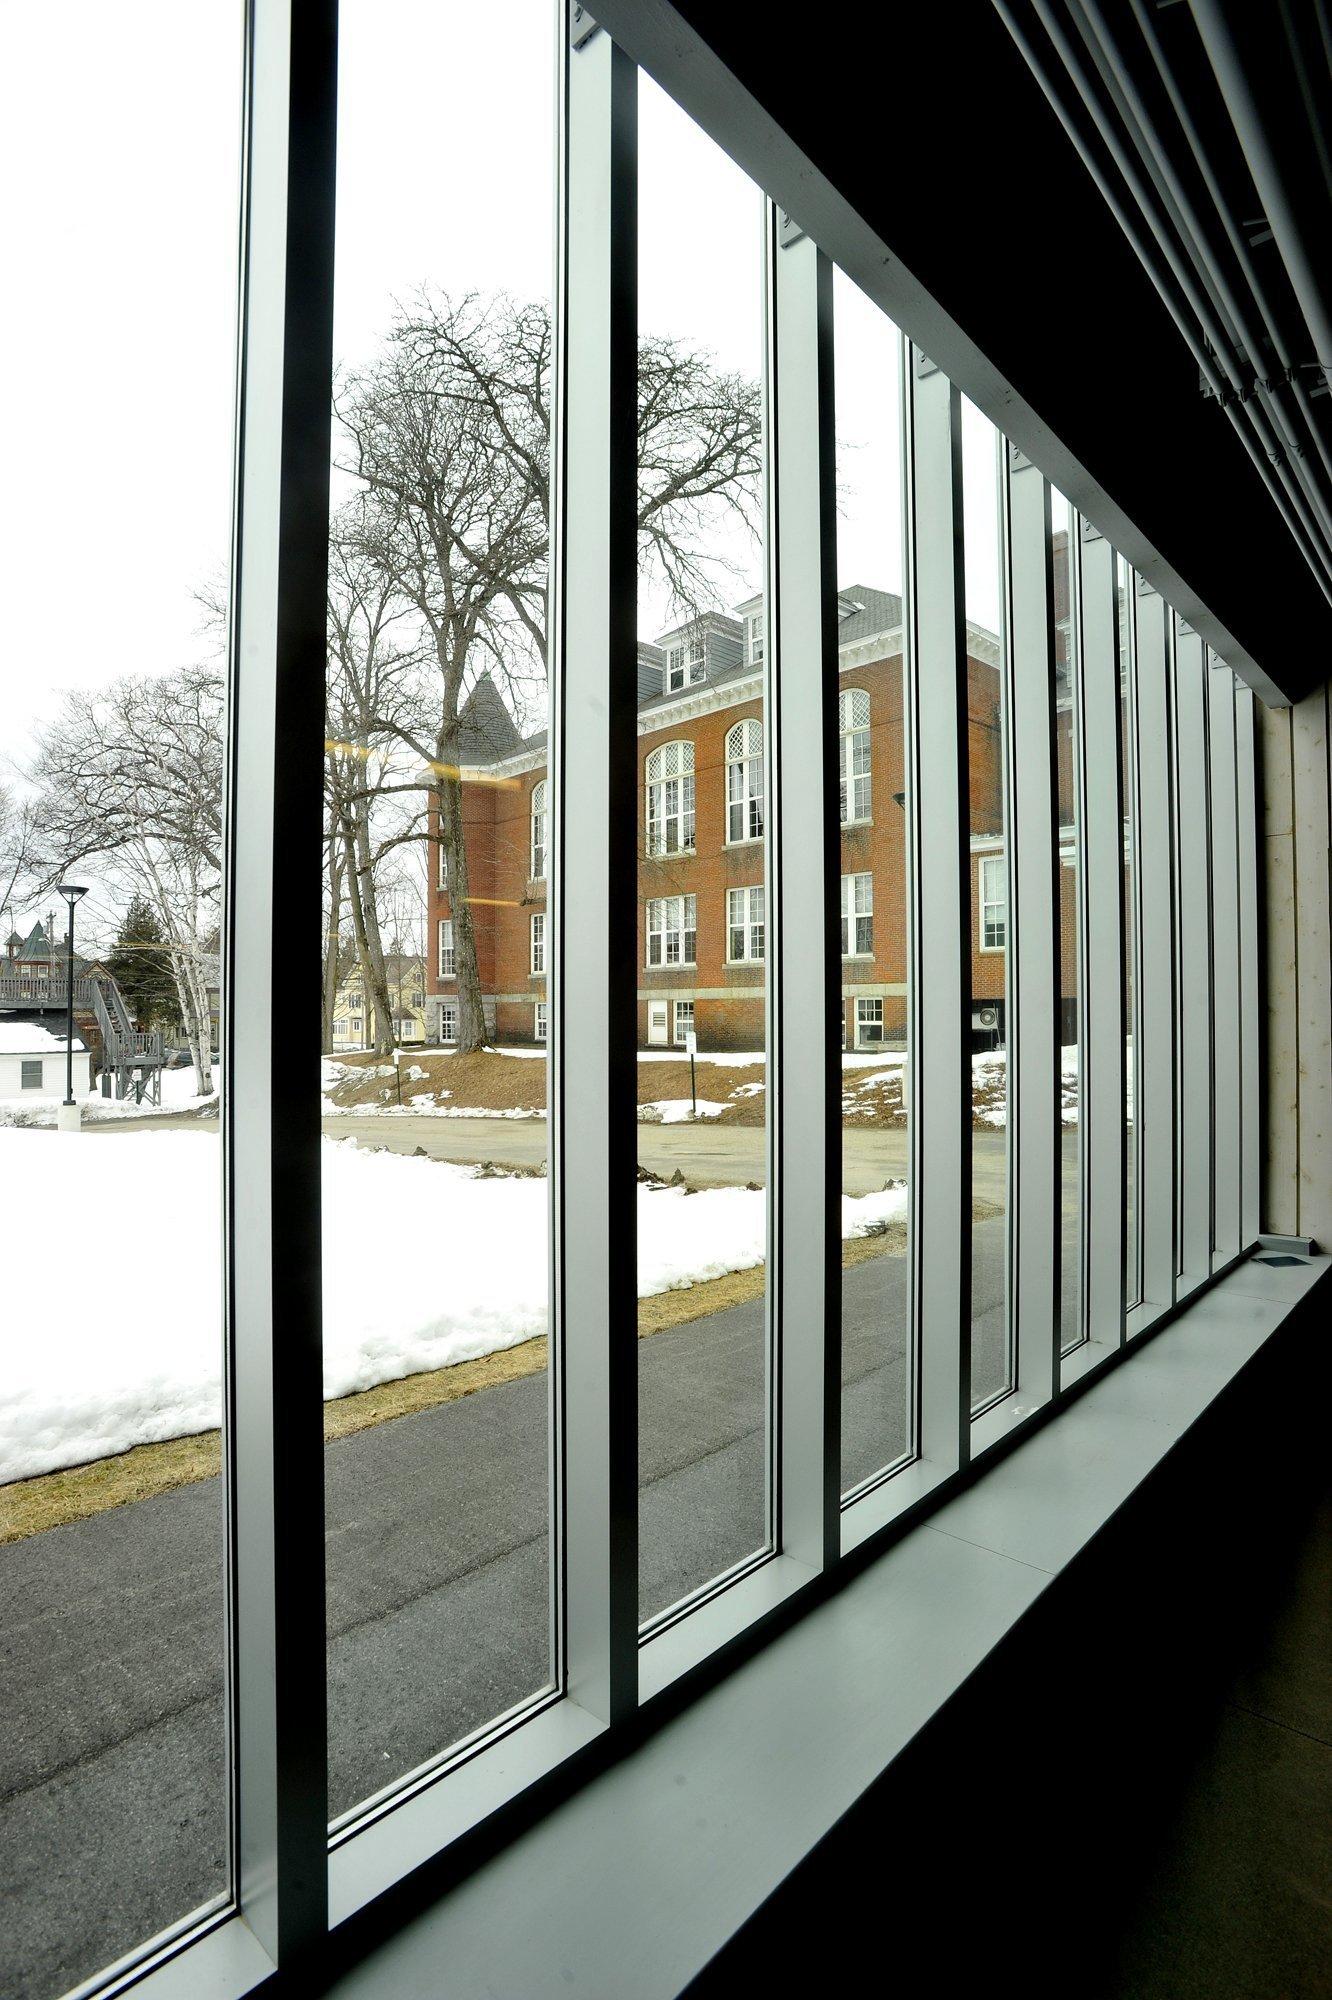 Πώς οι ΗΠΑ δημιούργησαν ένα fake πανεπιστήμιο για να παγιδεύσουν φοιτητές- μετανάστες